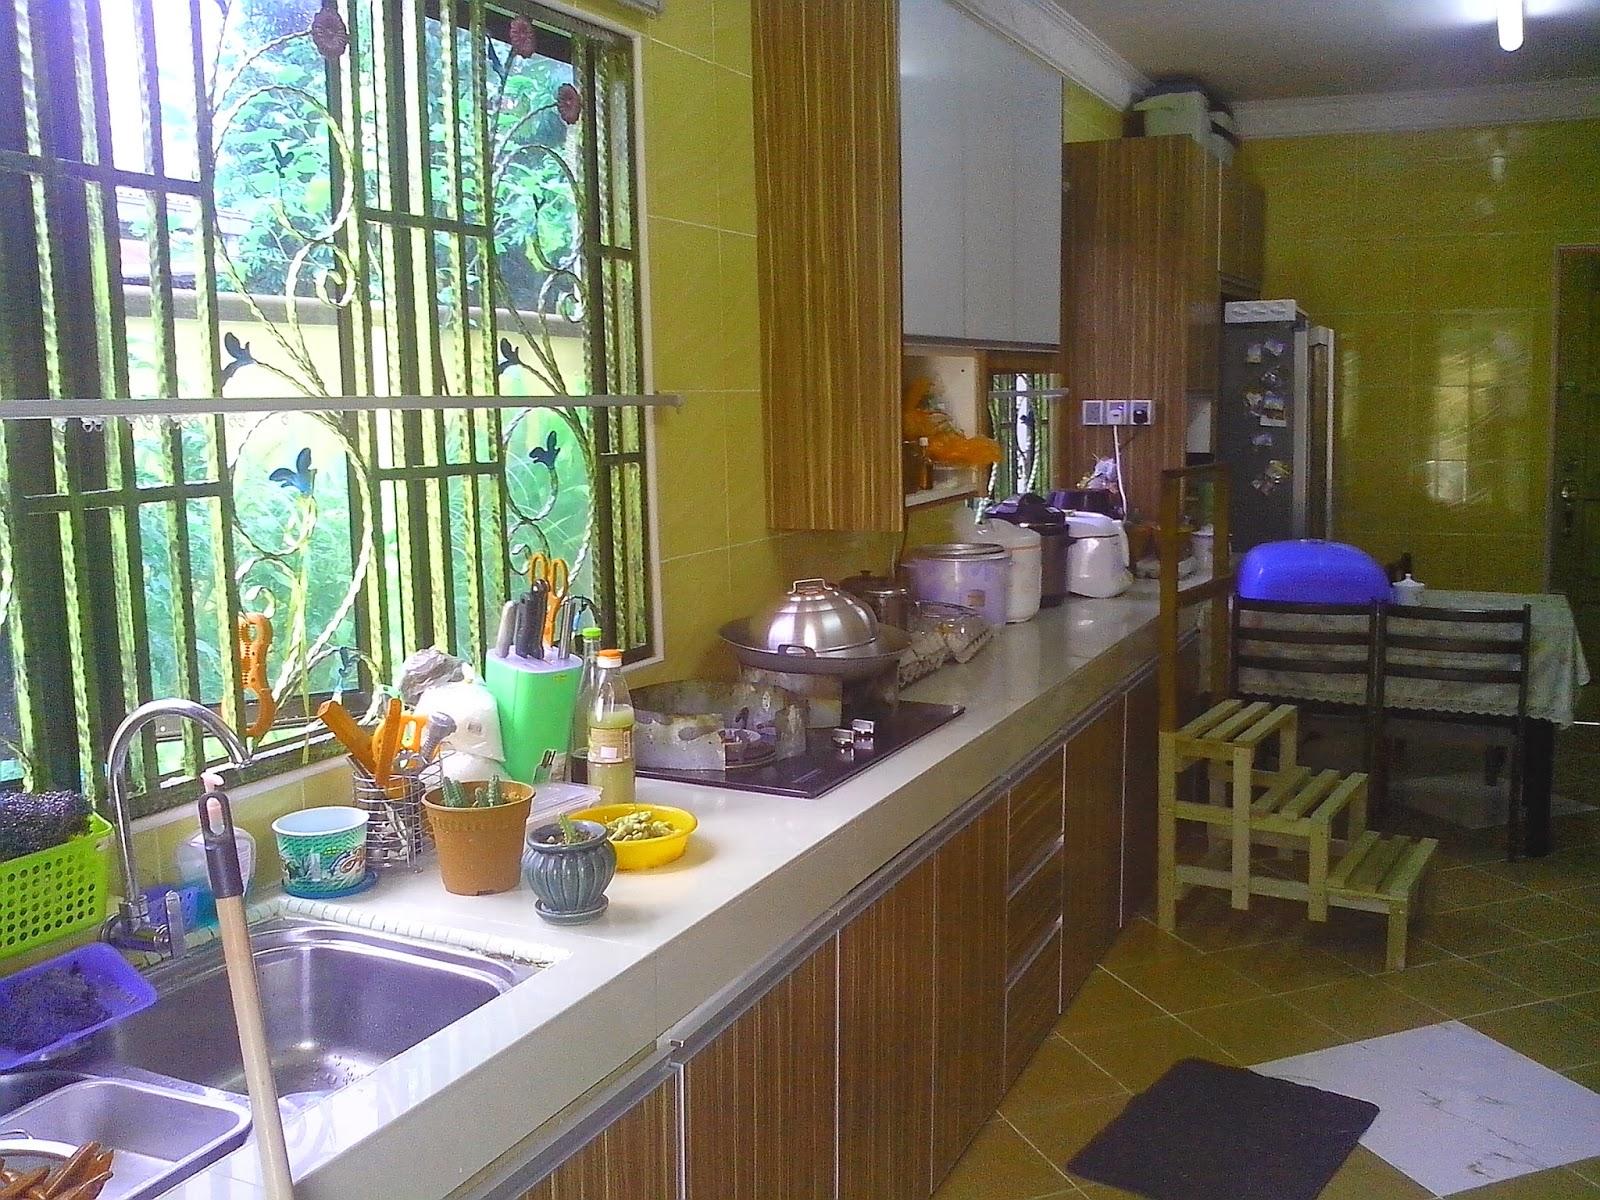 Reka Bentuk Kabinet Dapur Kedudukan Sinki Sink Stove Peti Ais Fridge Dan Ketuhar Oven Memainkan Peranan Yang Penting Dalam Sebuah